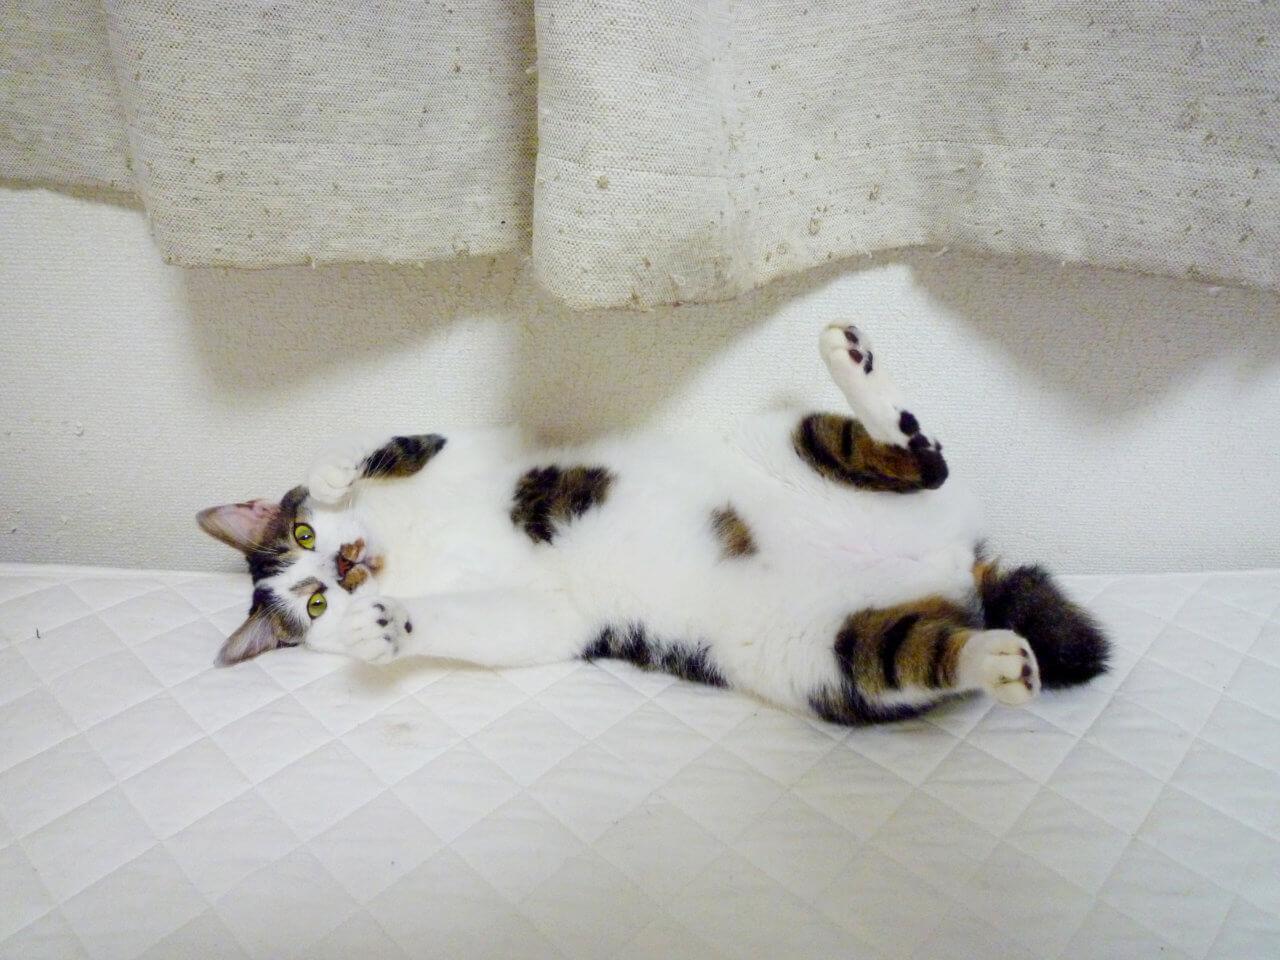 名前:ネム 年齢:4歳 性別:オス 種類:クロシロ猫(雑種)遊び